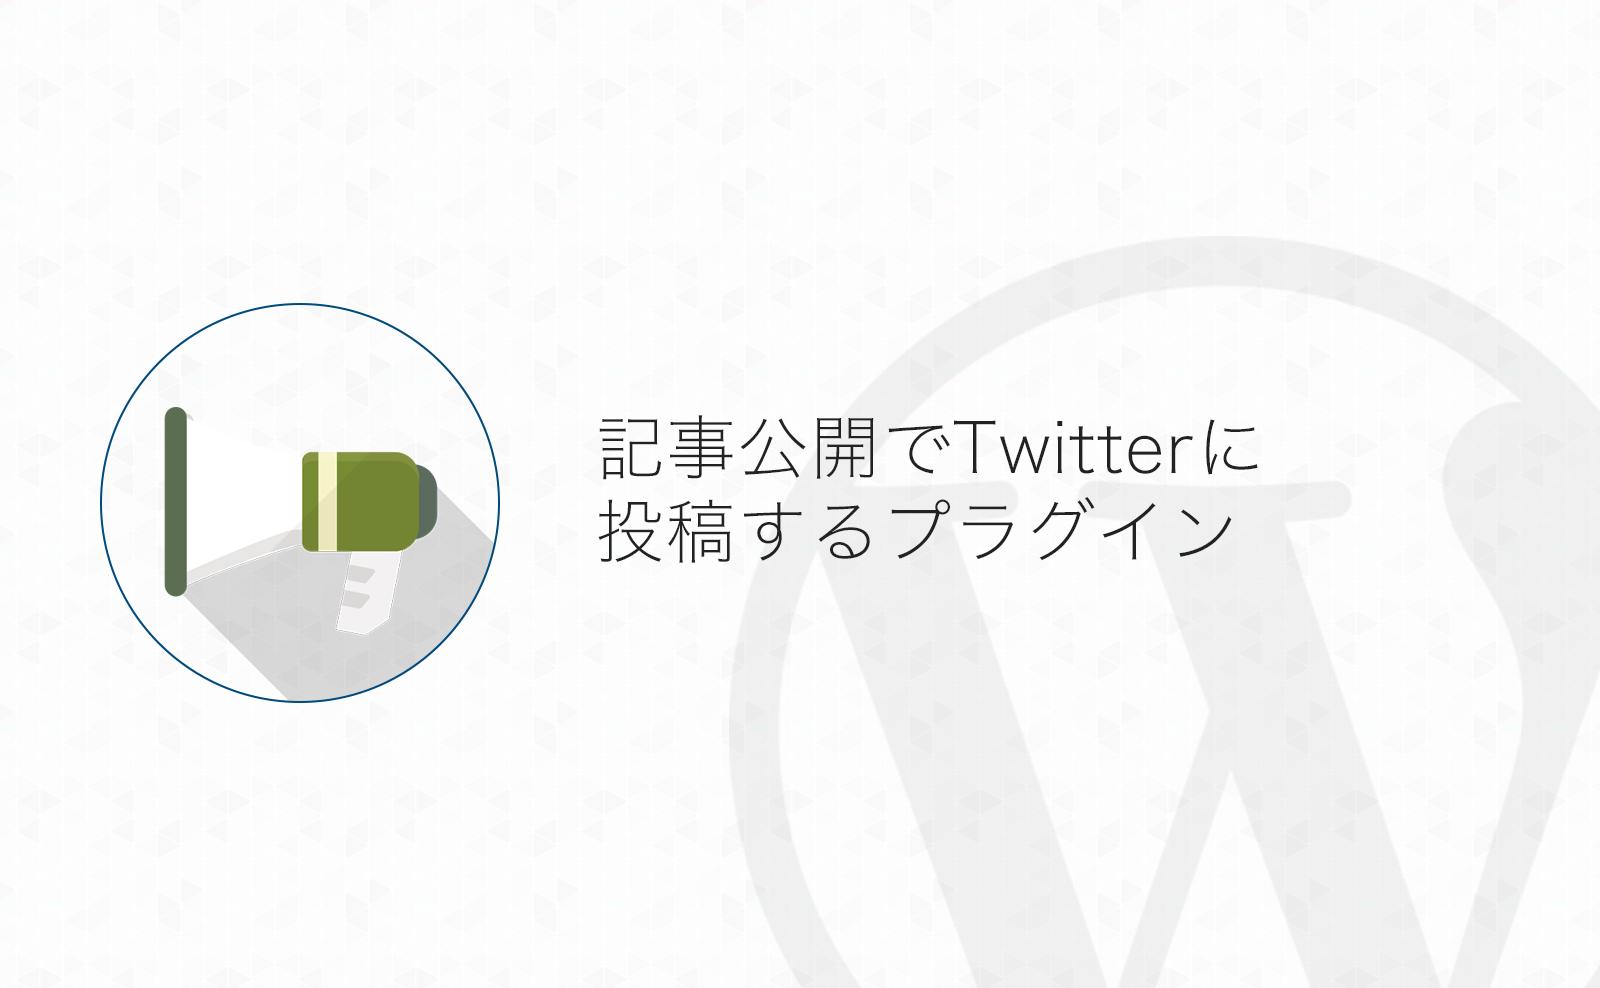 更新通知をいち早く!記事公開でTwitterに自動投稿できるWordPressプラグイン「WP to Twitter」